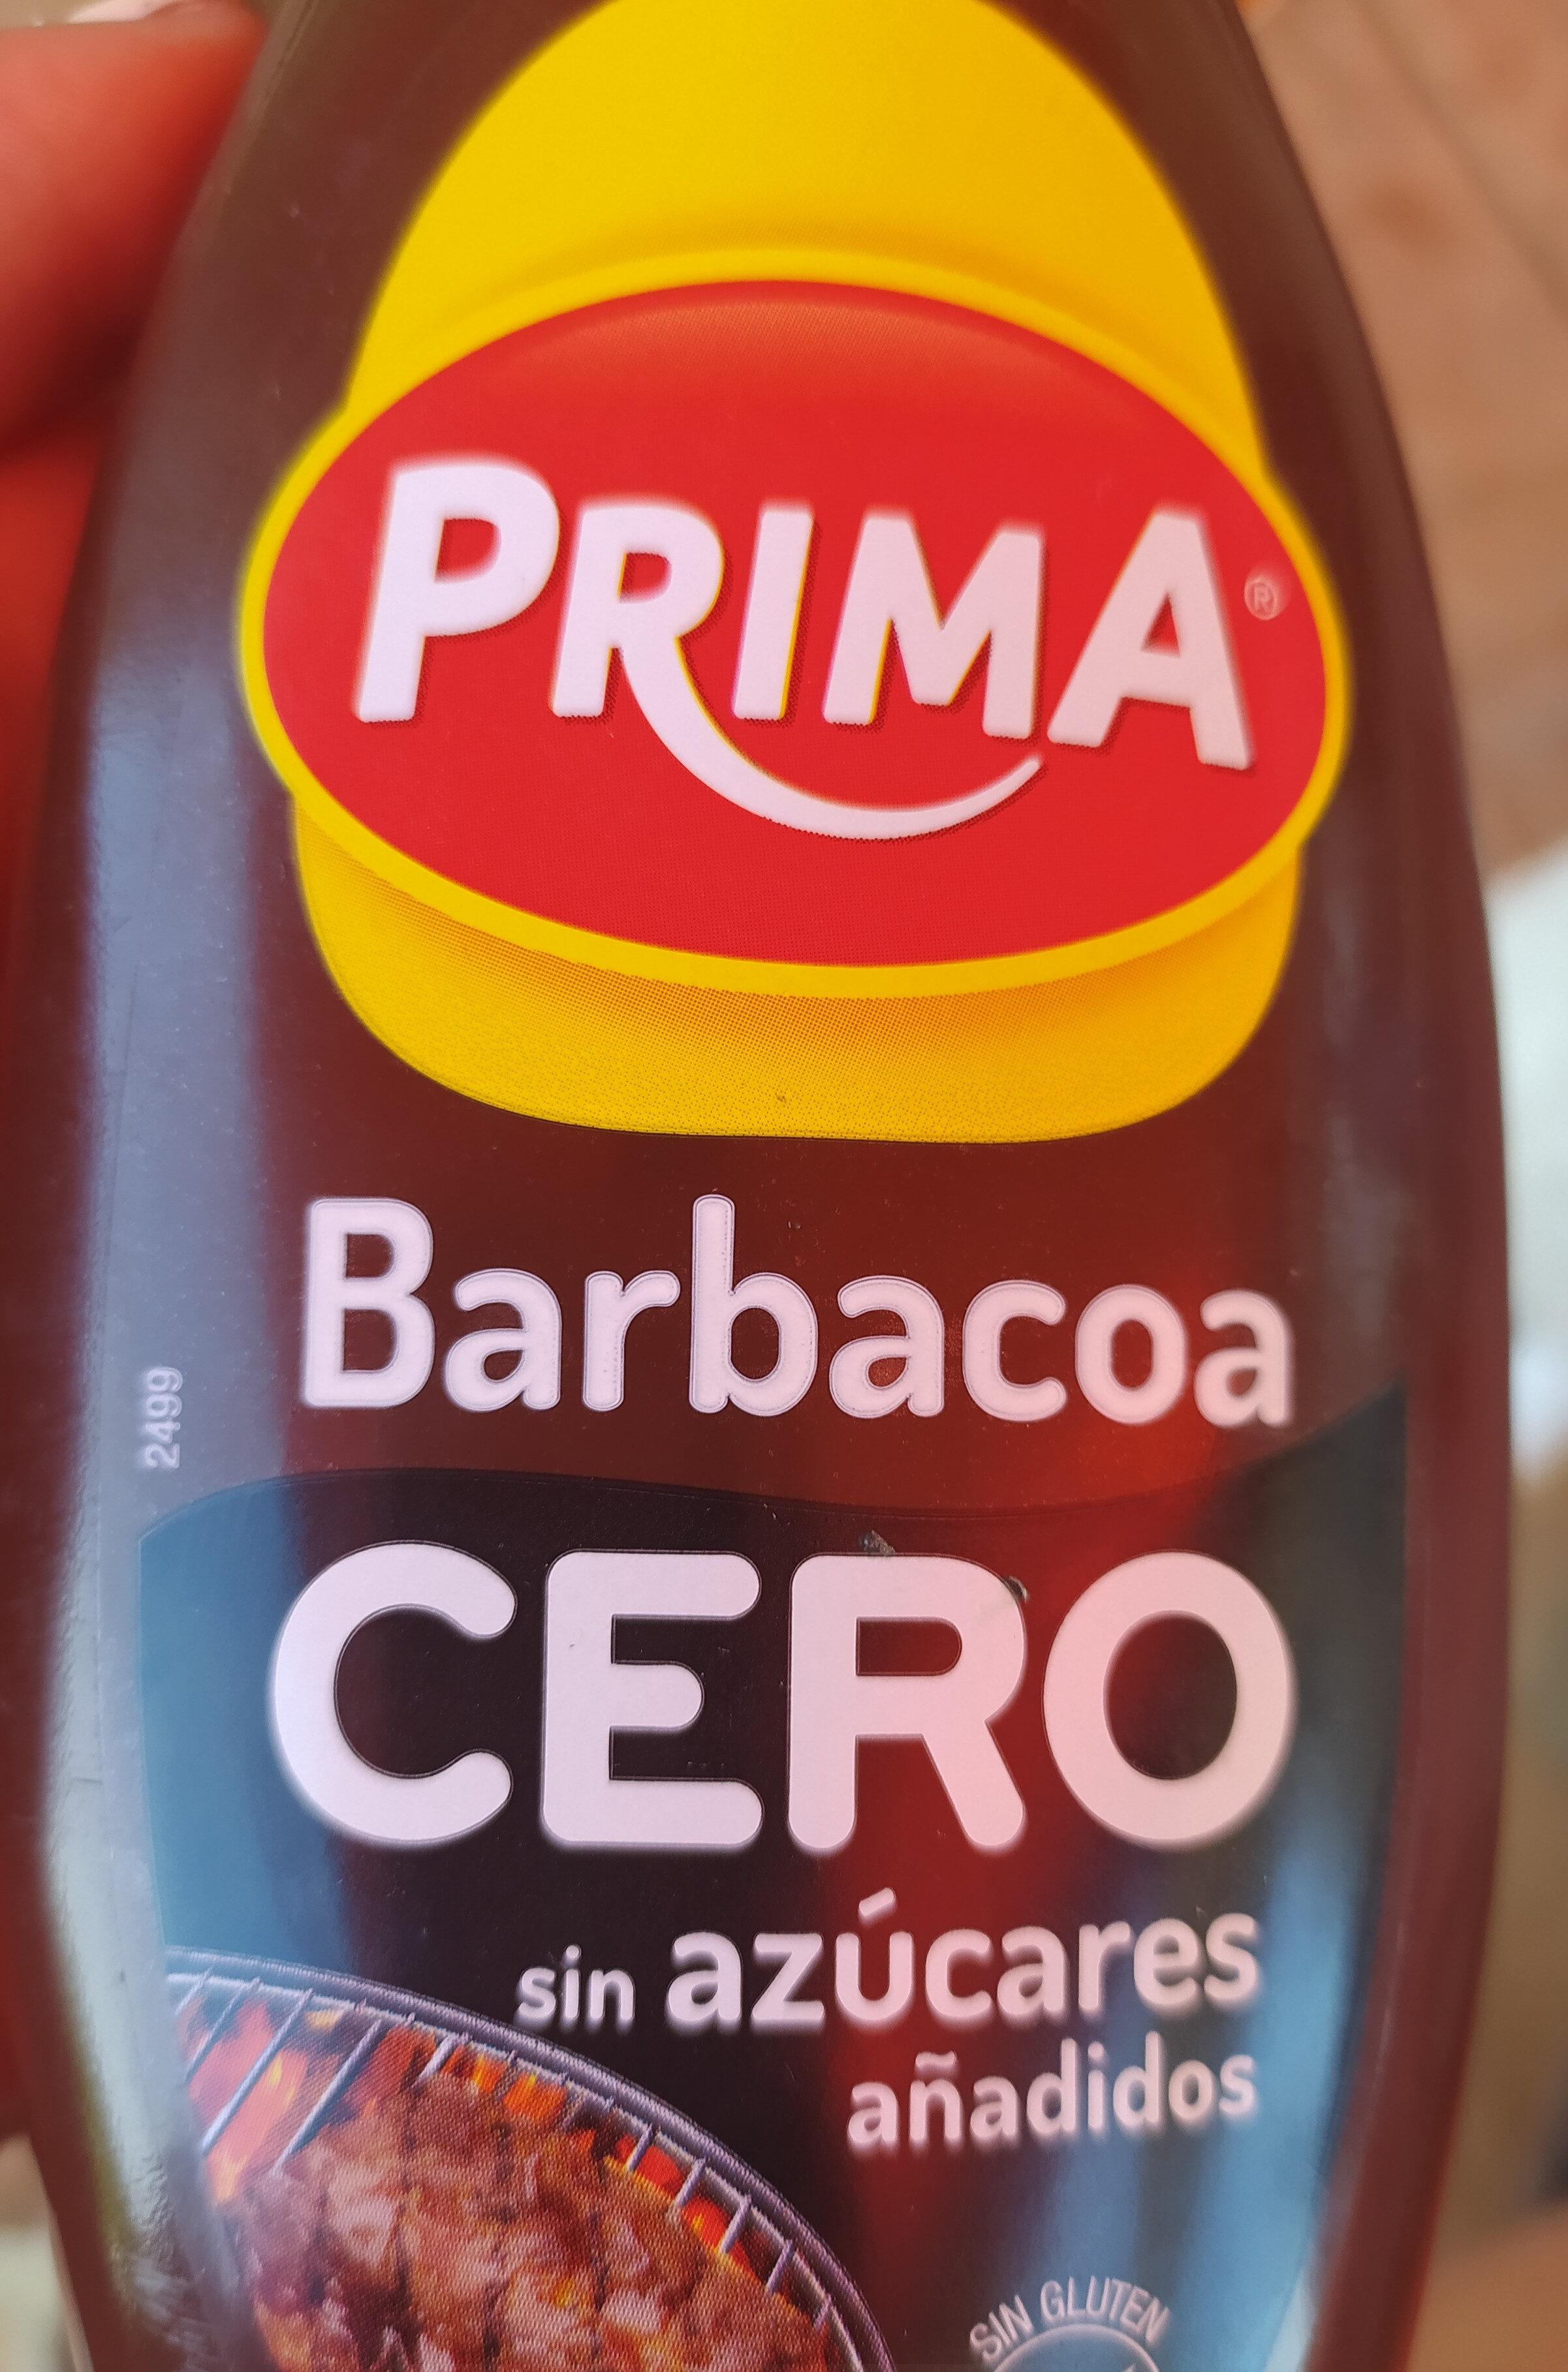 Salsa barbacoa cero sin azúcares añadidos sin gluten - Producto - es